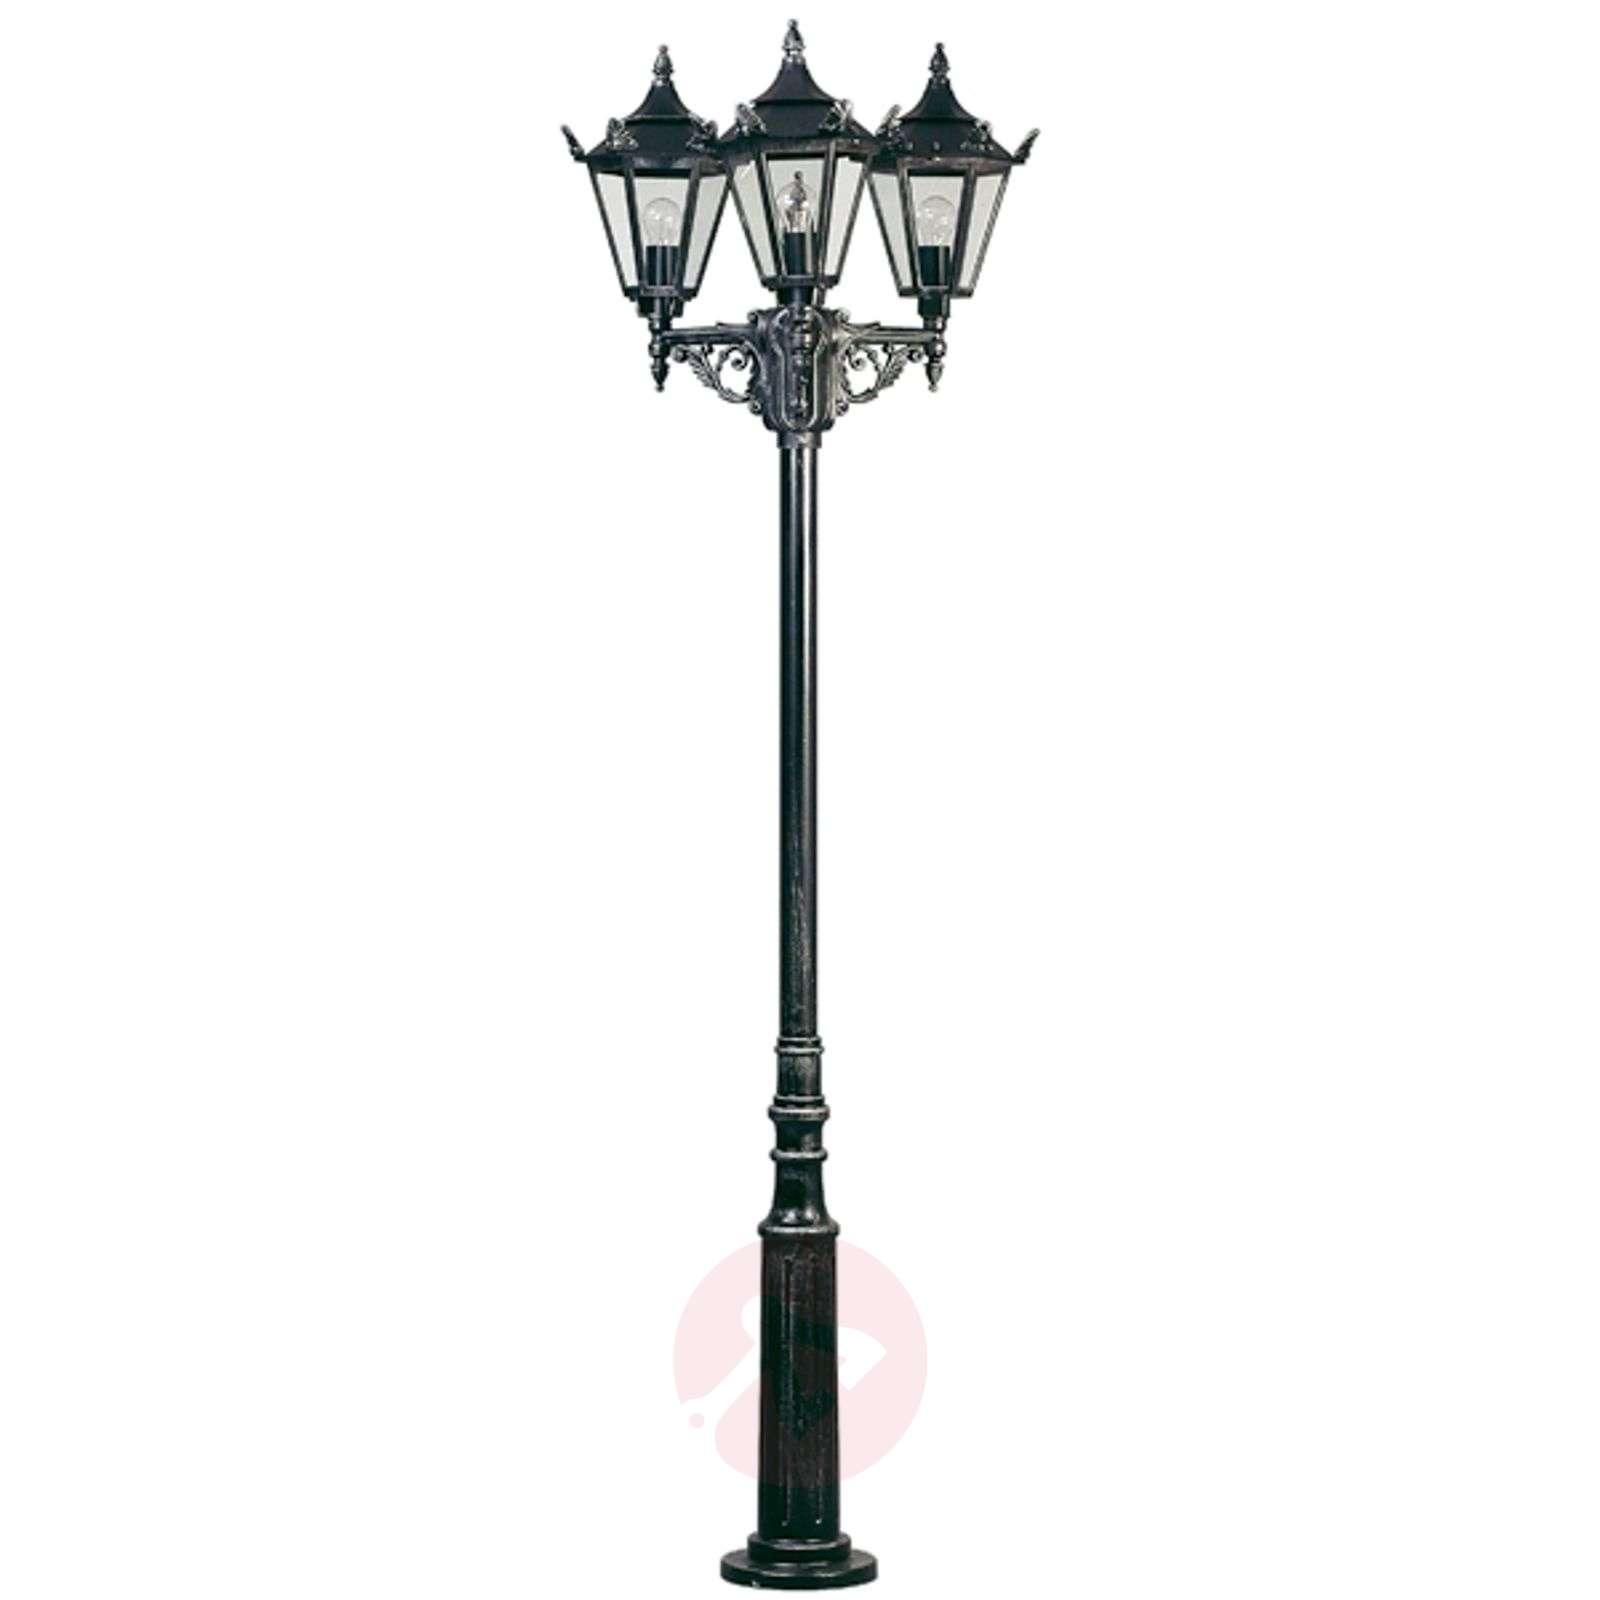 Rustiikkinen lyhtypylväs 756, 3 lamppua-4001756X-01